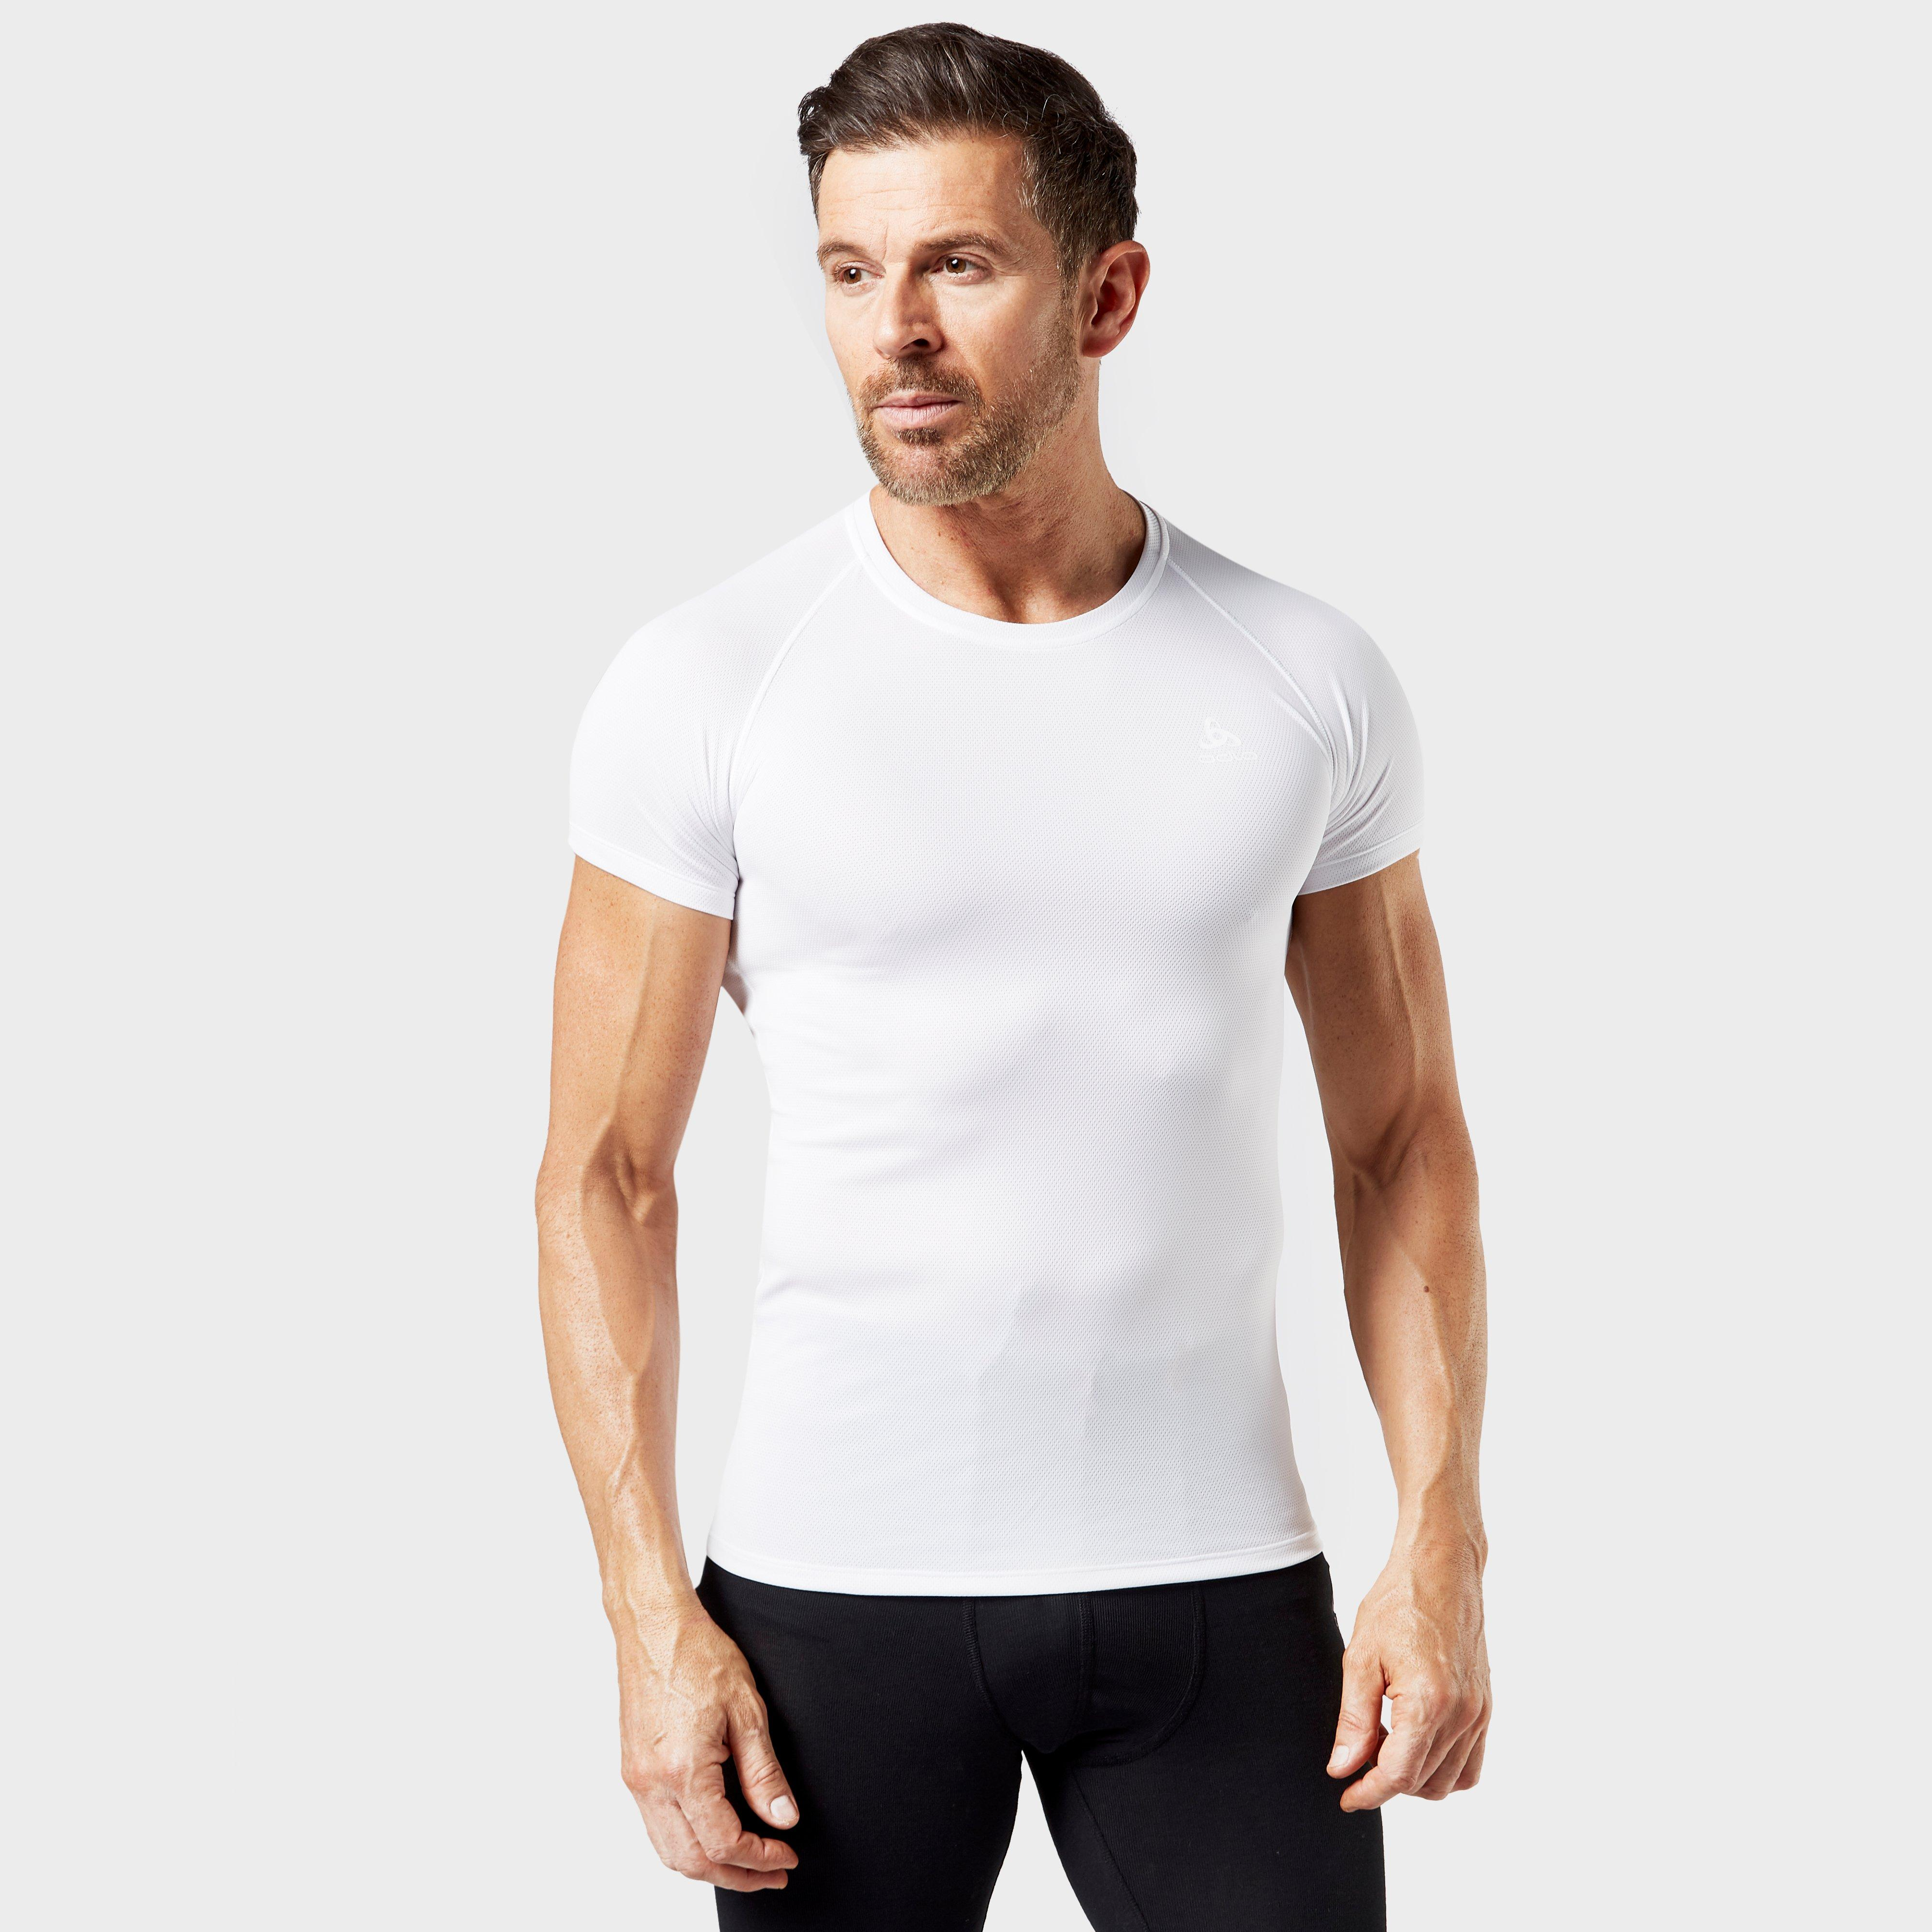 Image of Odlo Men's Active Light Short Sleeve T-Shirt - White/Wht, White/WHT